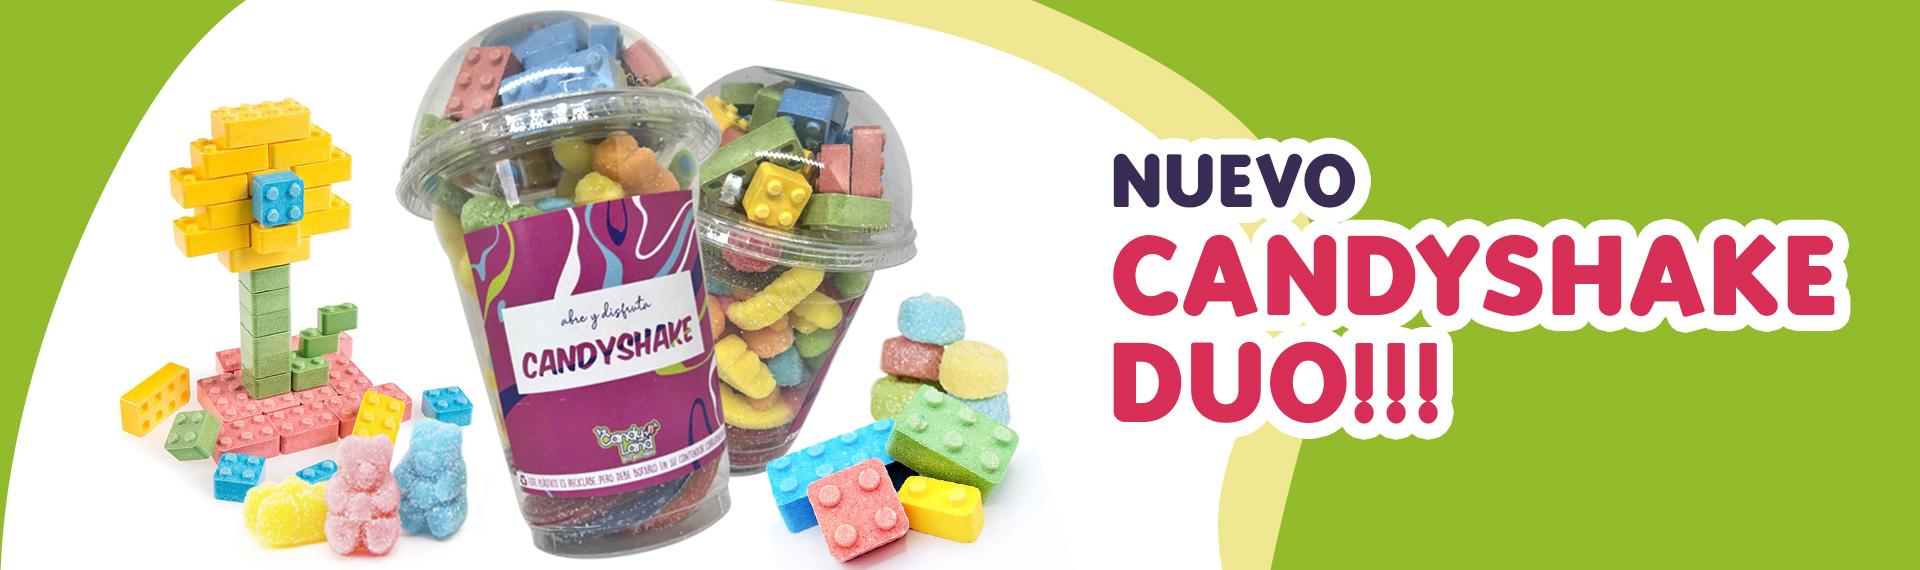 banner candyshake-duo-2